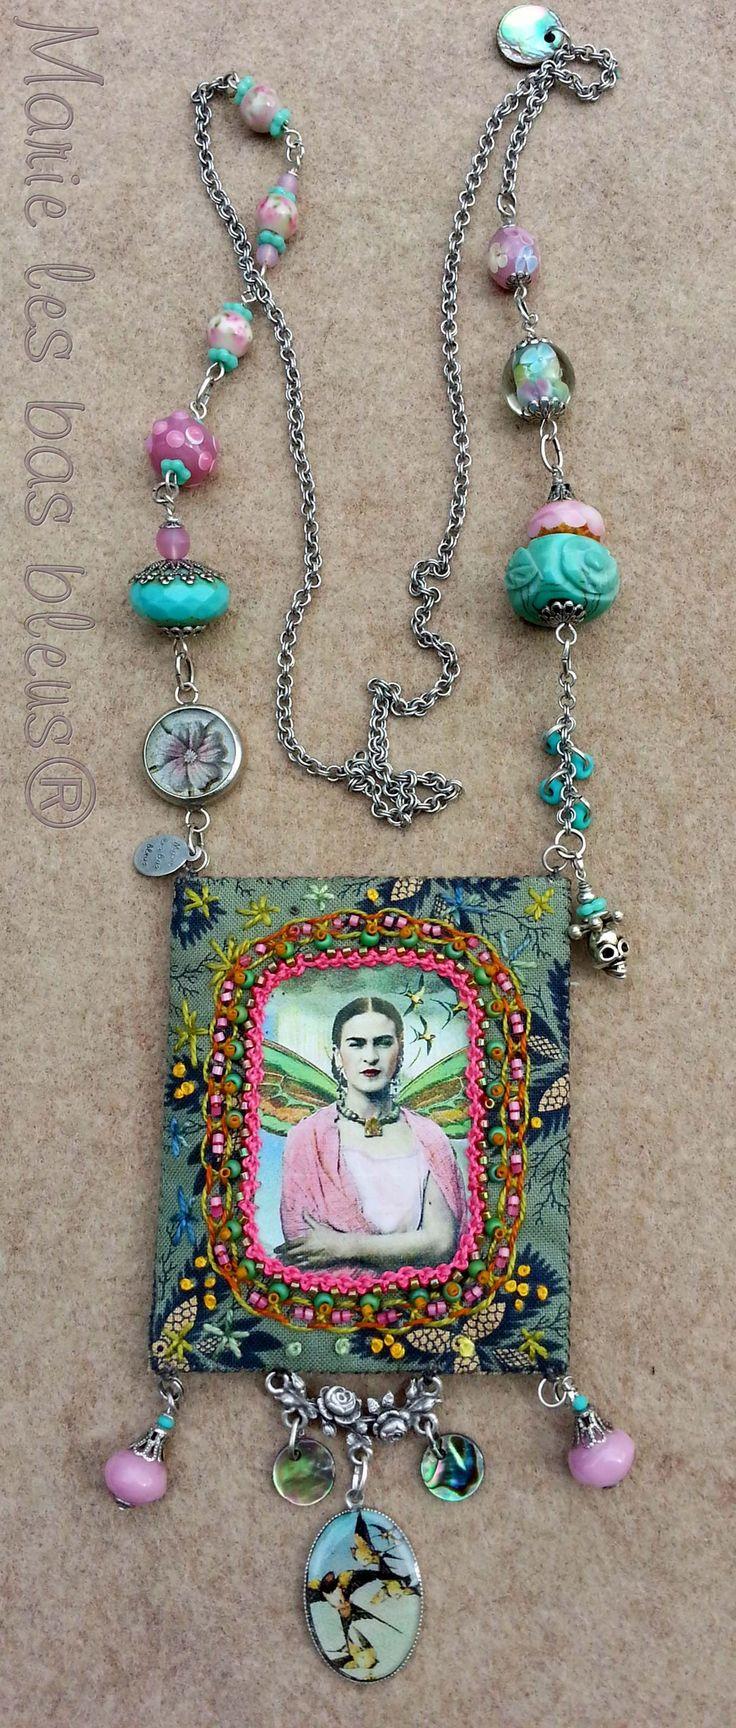 Frida Kahlo Keka❤❤❤